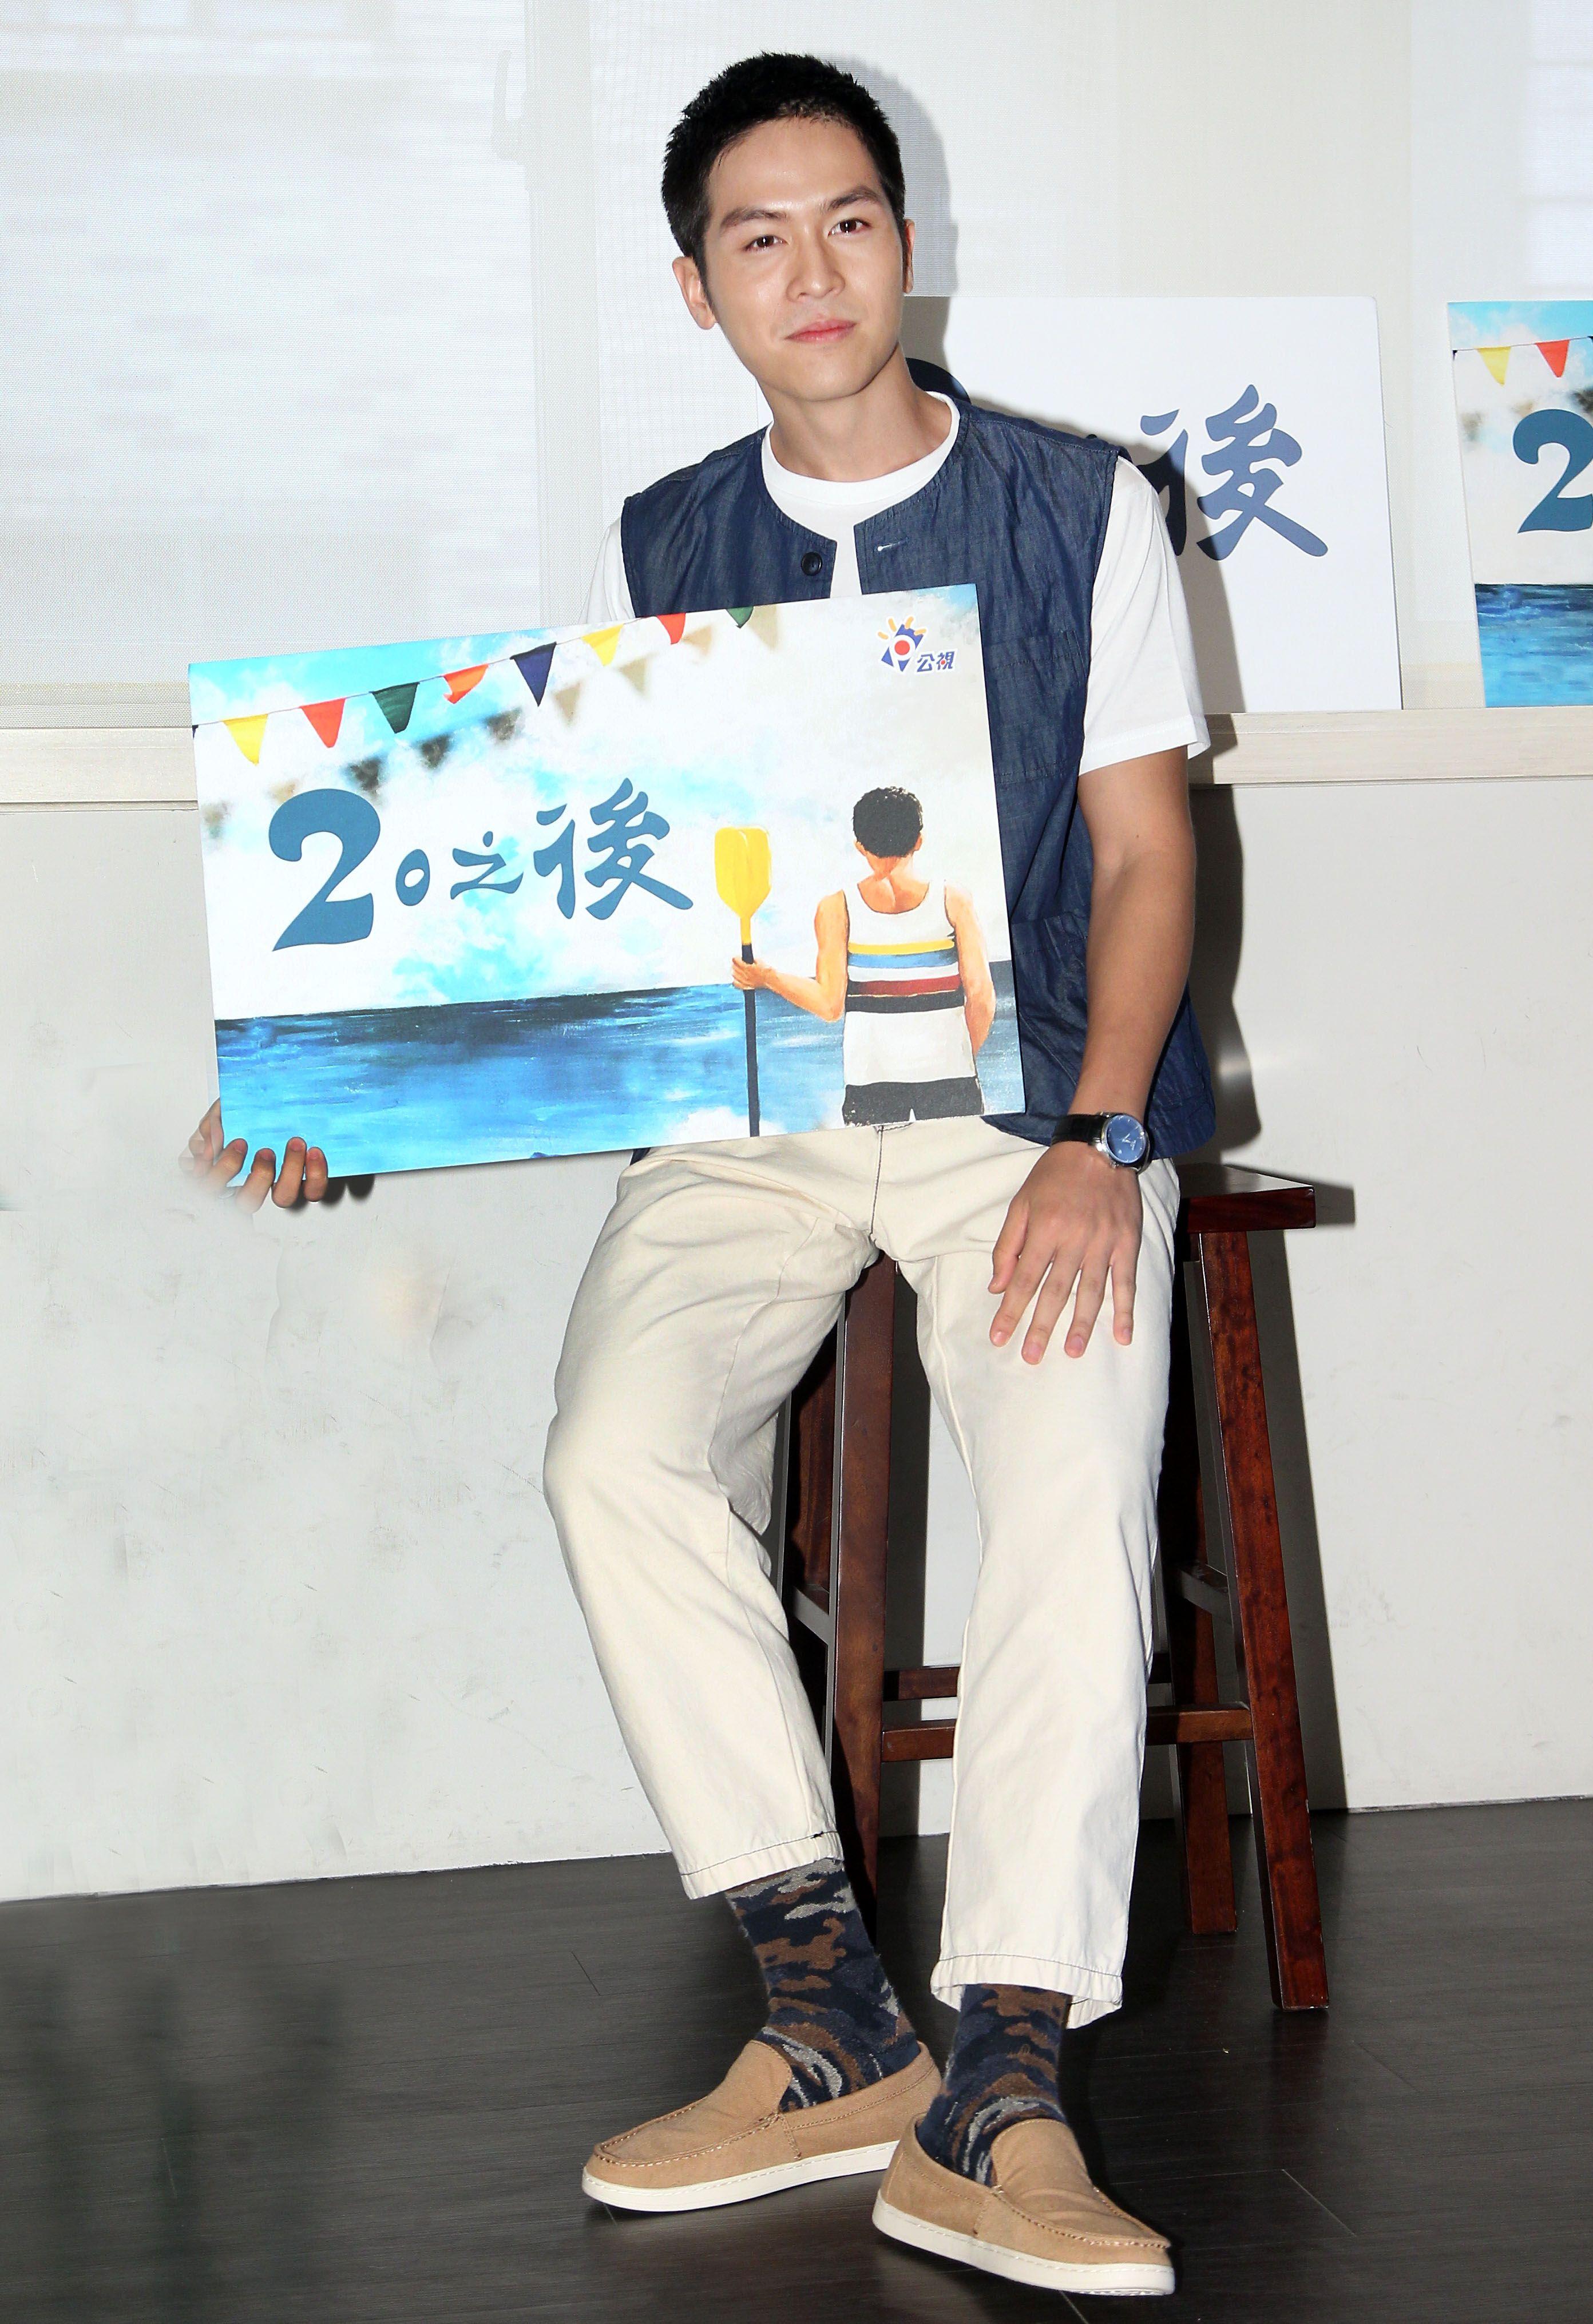 公視「20之後」演員林孫煜豪。(記者邱榮吉/攝影)